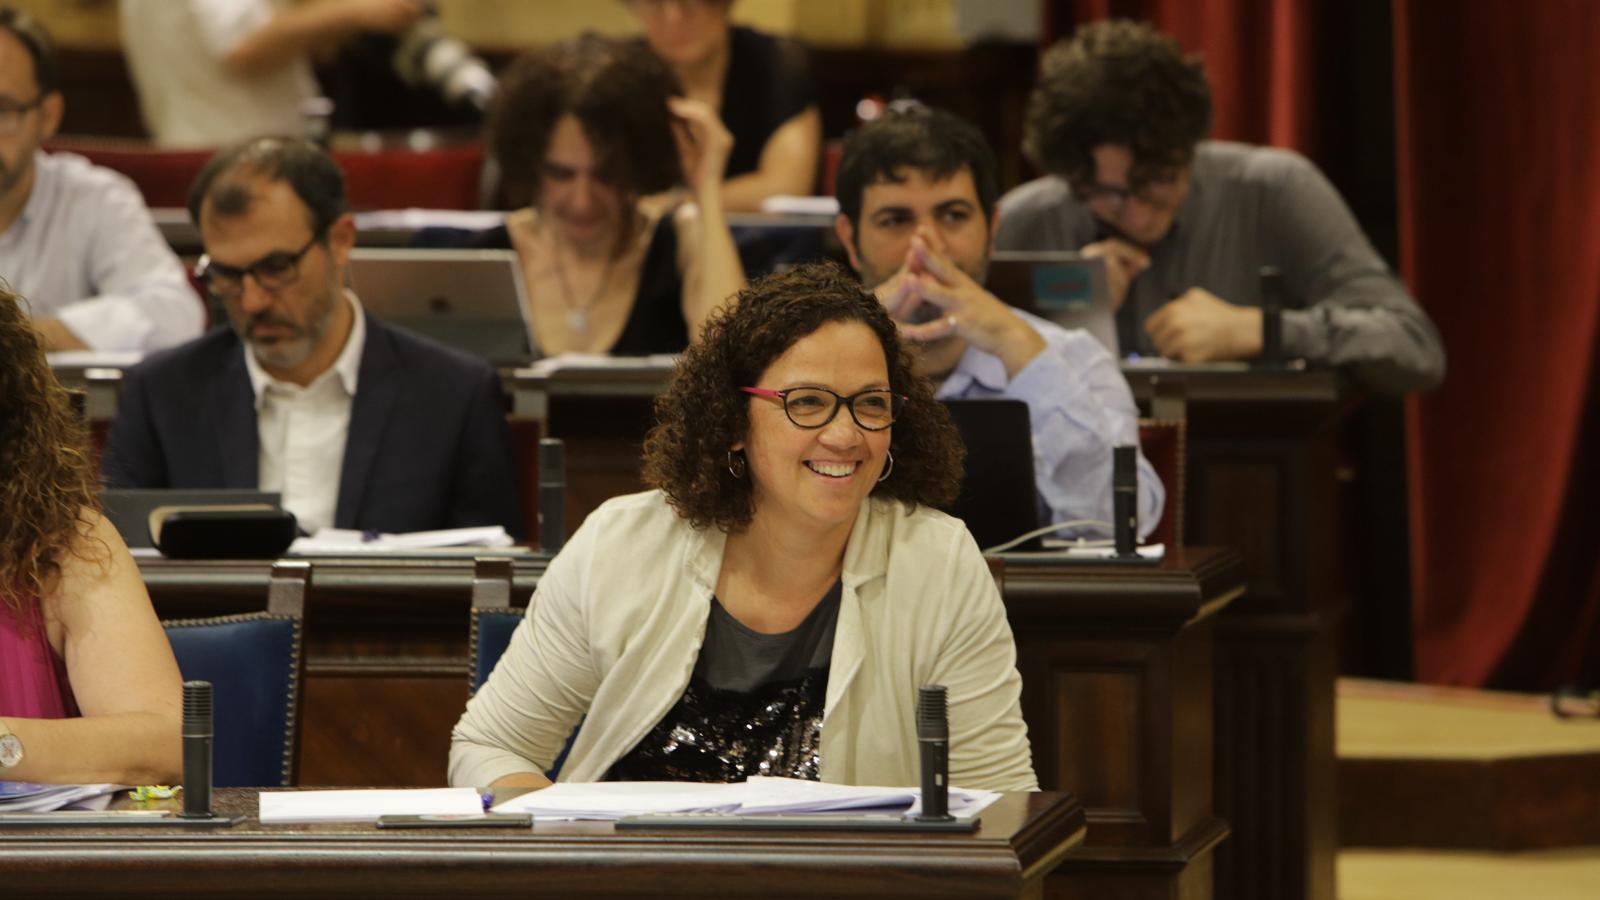 La consellera d'Hisenda, Catalina Cladera, riu escoltant el diputat del PP Antoni Camps.